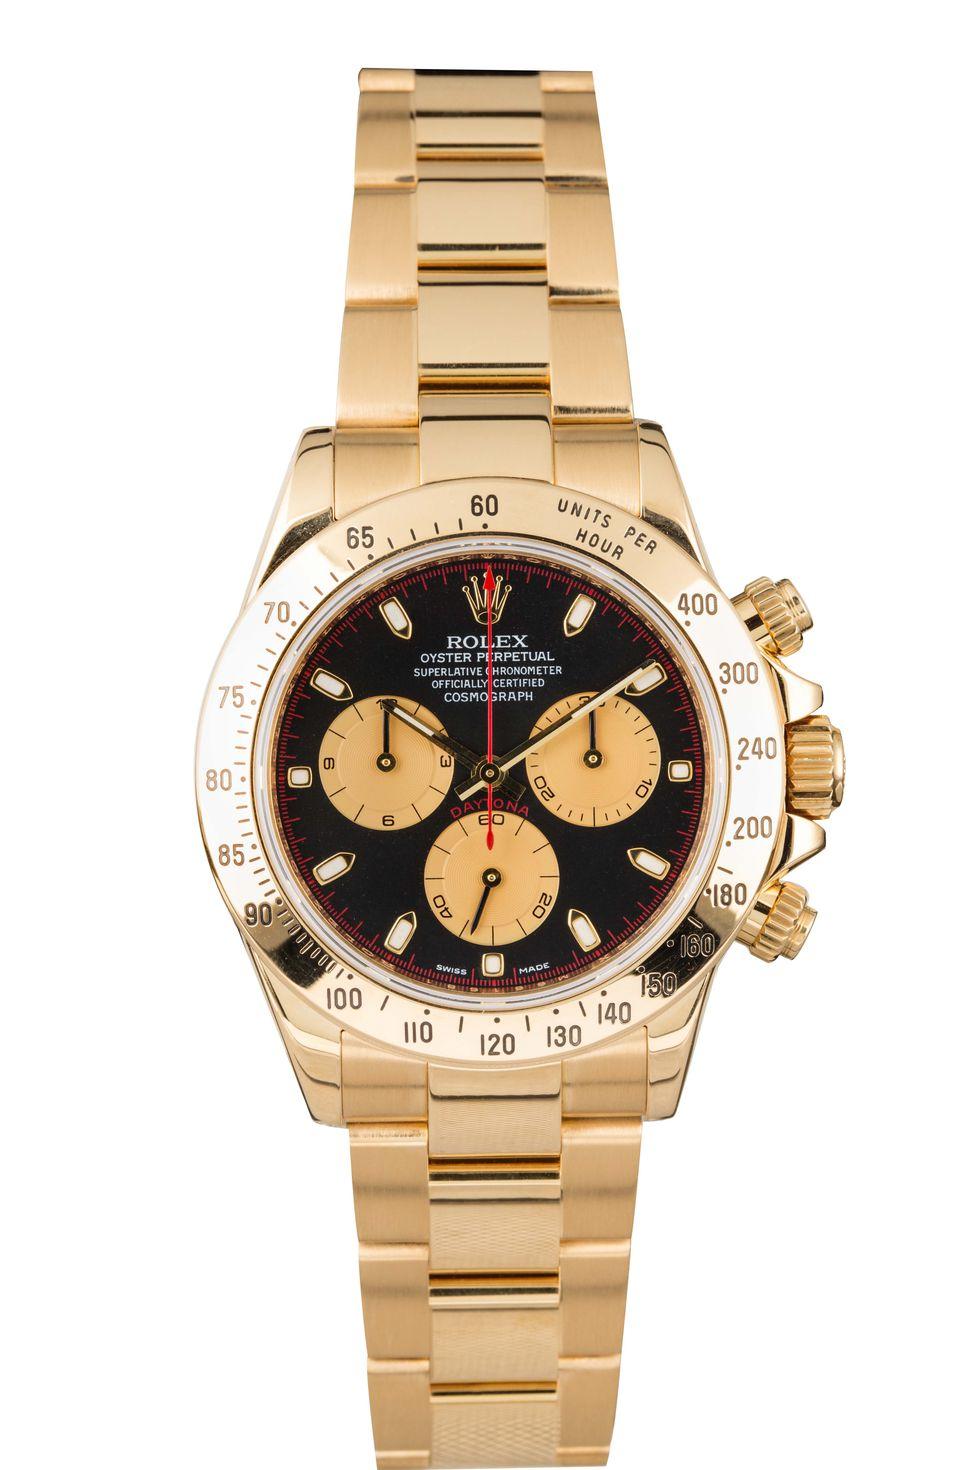 Rolex Daytona, Ref 116520